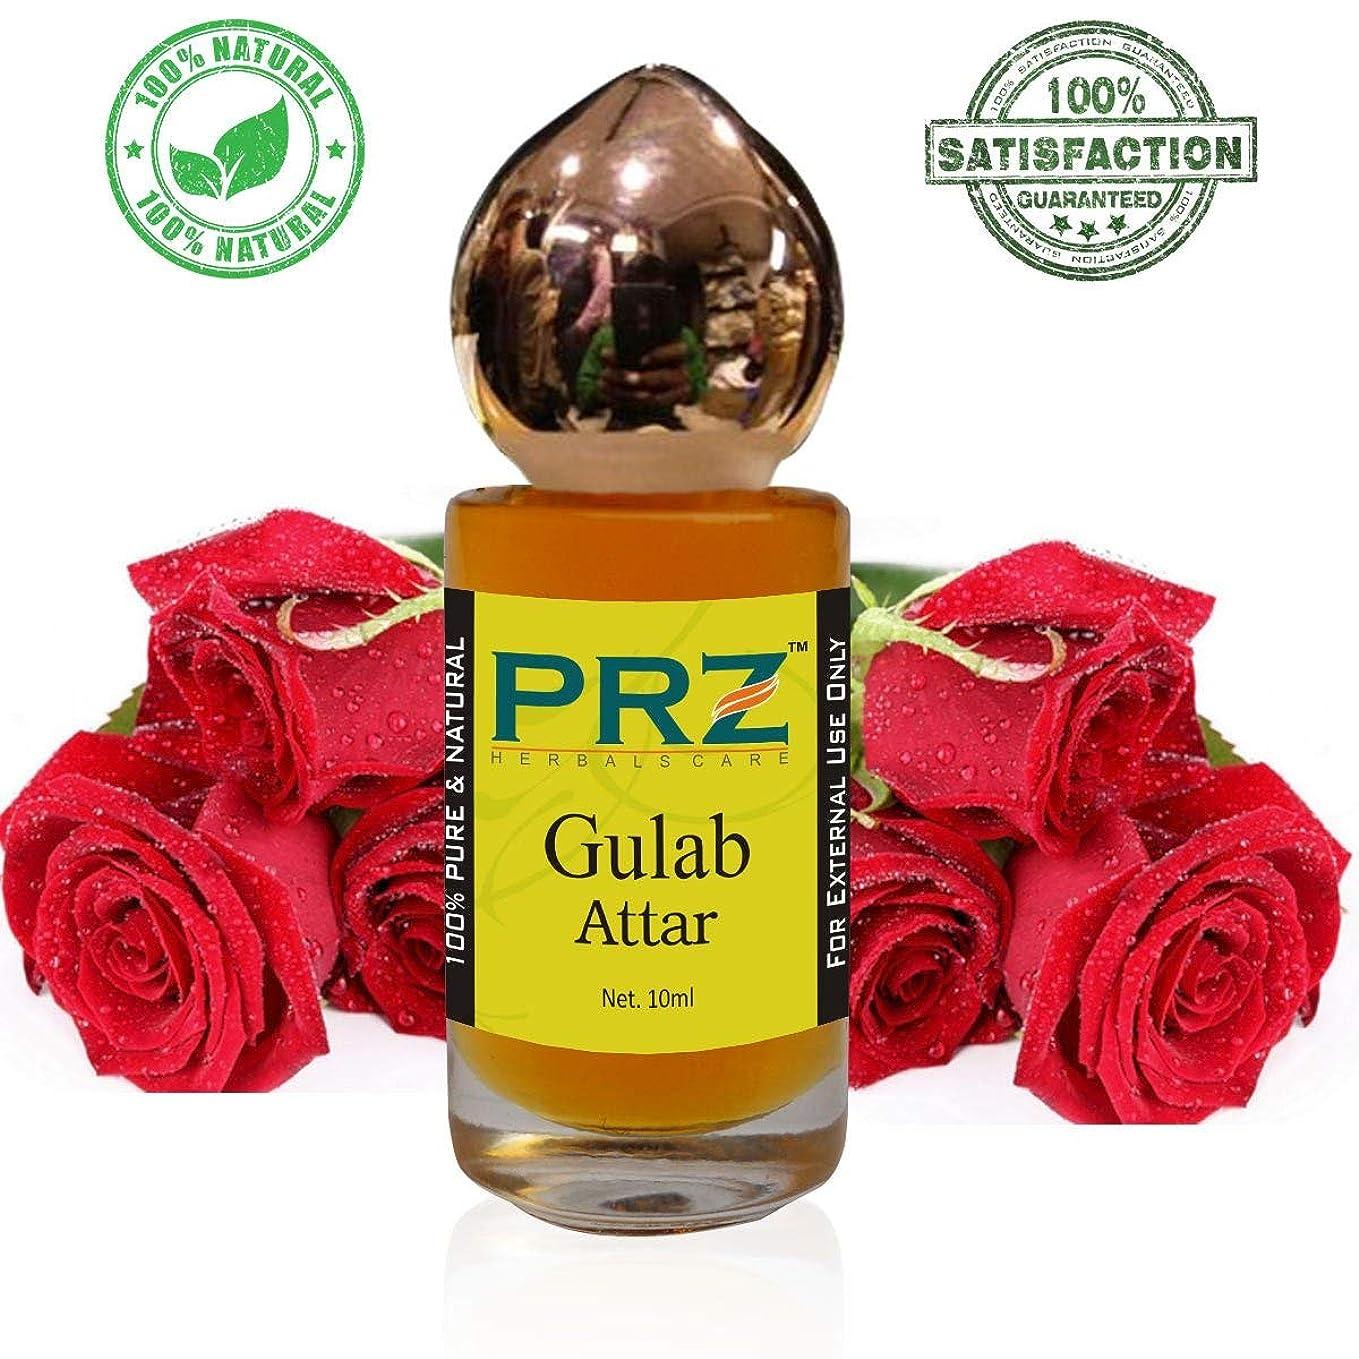 タイトル曲げるタイプライターユニセックスのためにGULABアターロールオン(10 ML) - ピュアナチュラルプレミアム品質の香水(ノンアルコール)|アターITRA最高品質の香水は、長期的なアタースプレー